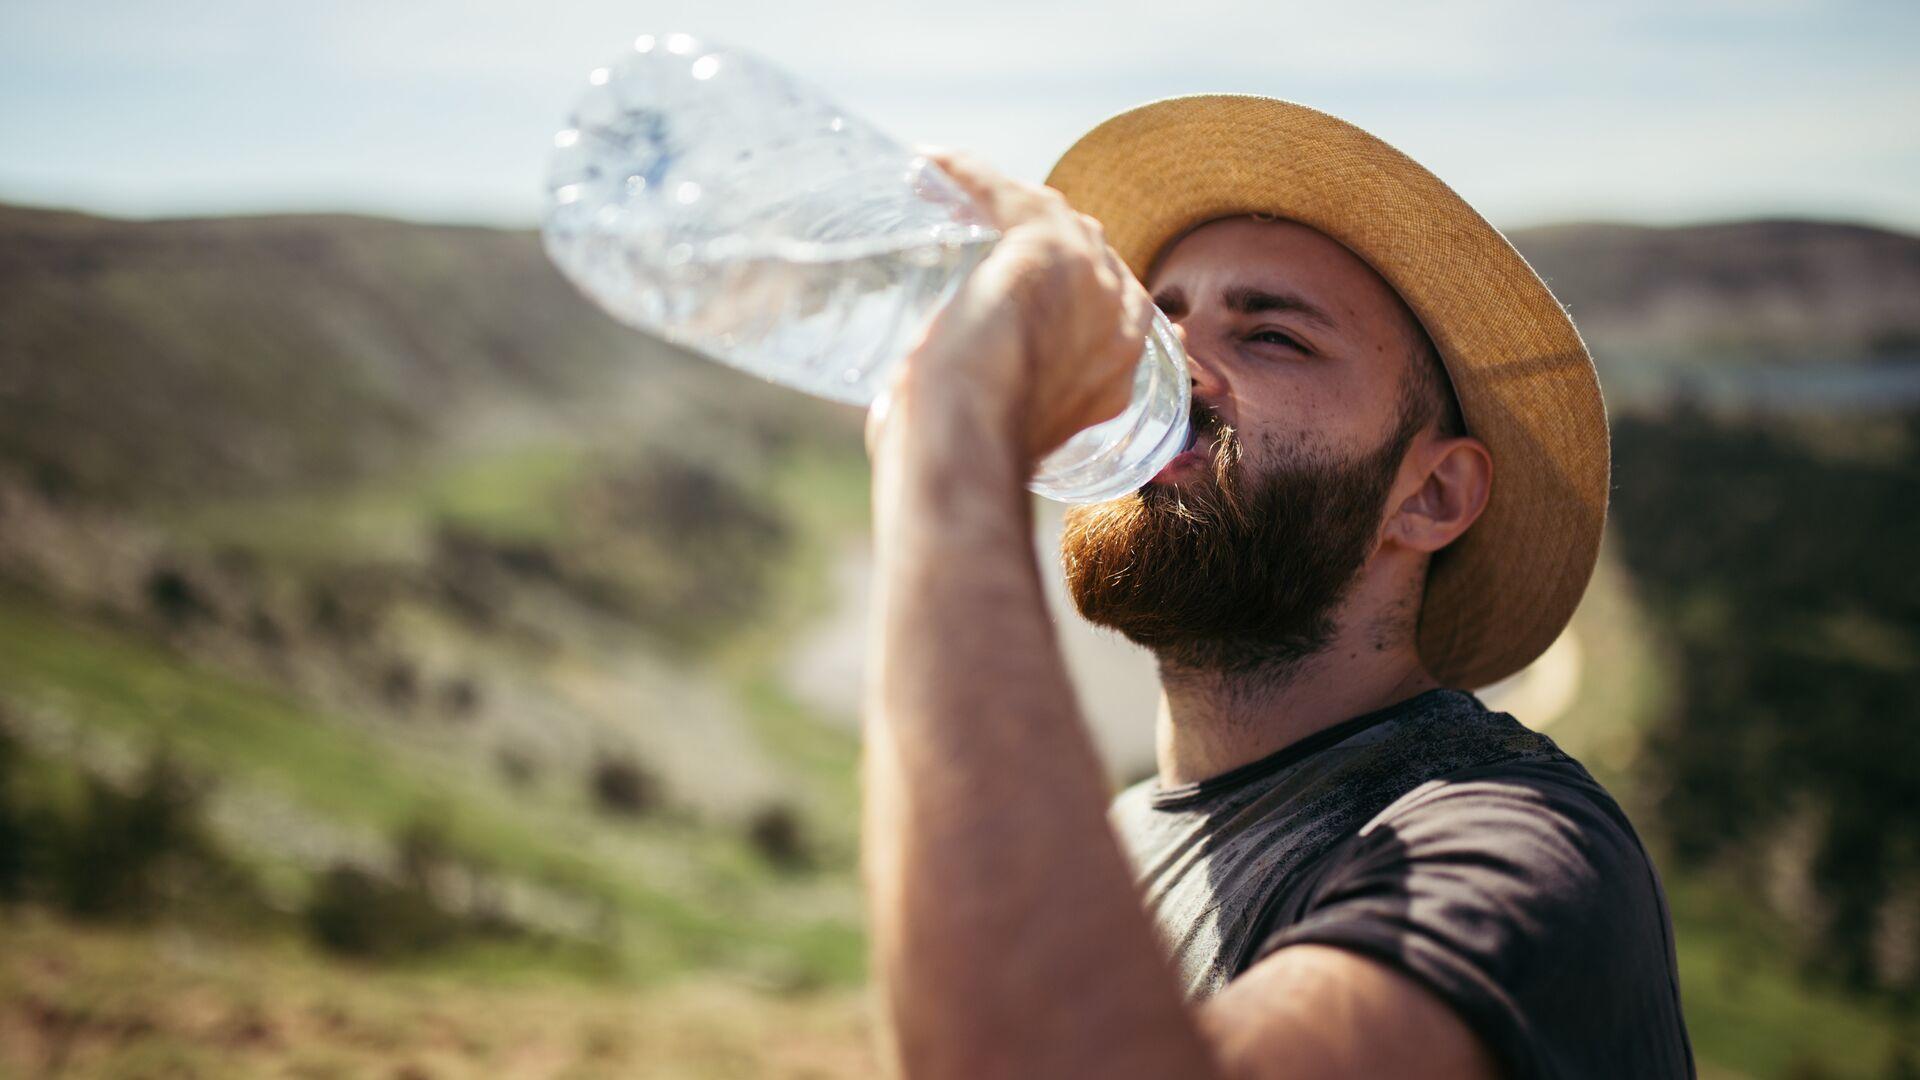 Ученые рассказали, как ветка сосны очистит воду от 99 процентов бактерий